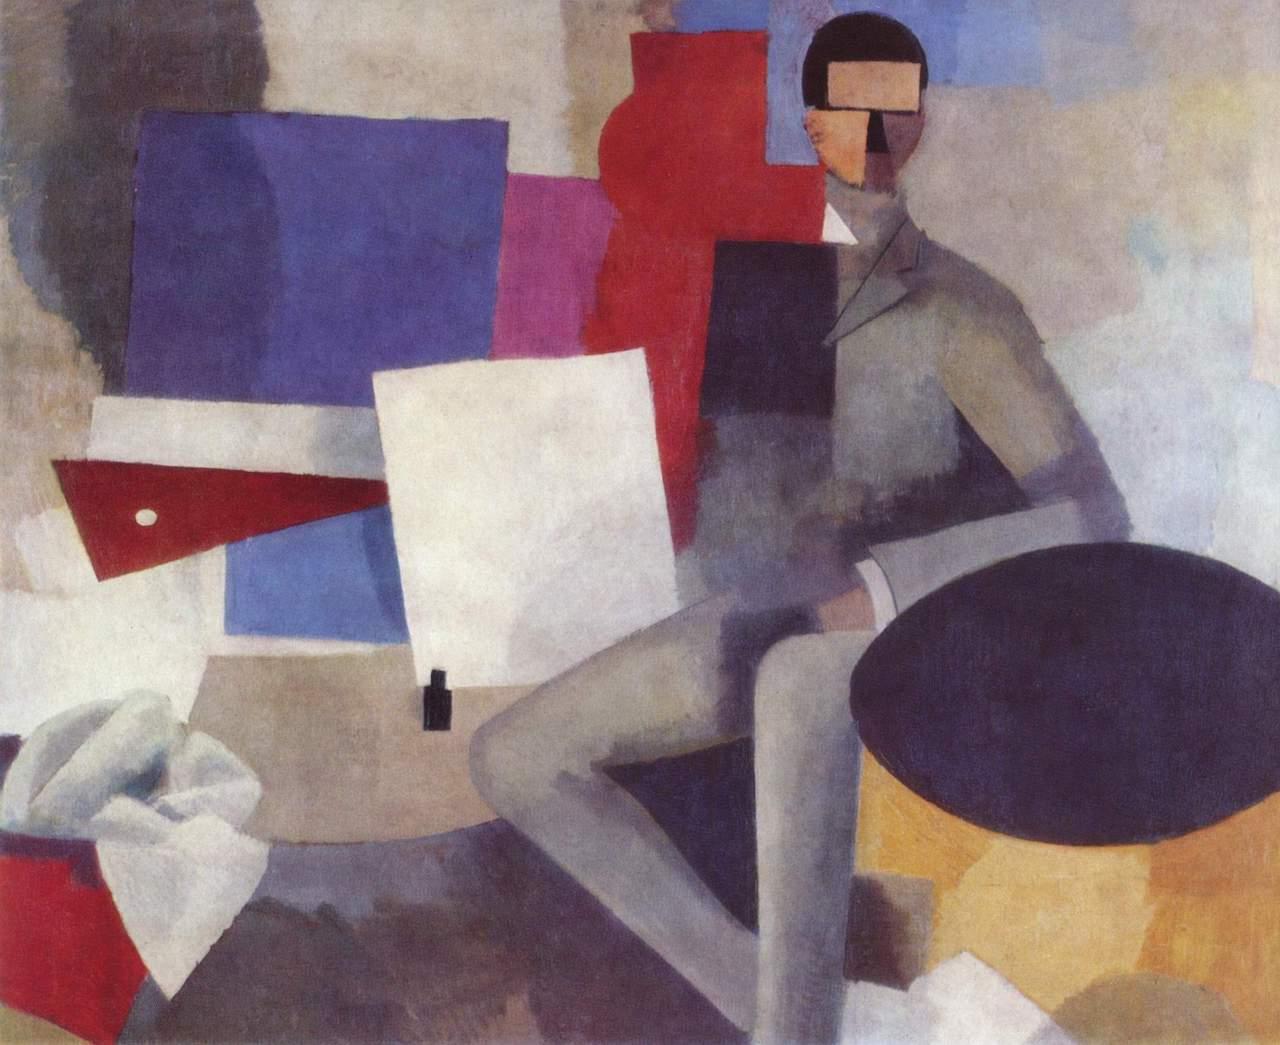 Roger de la Fresnay. Sitzender Mann. 1914. Öl / Leinwand. 131 x 162cm